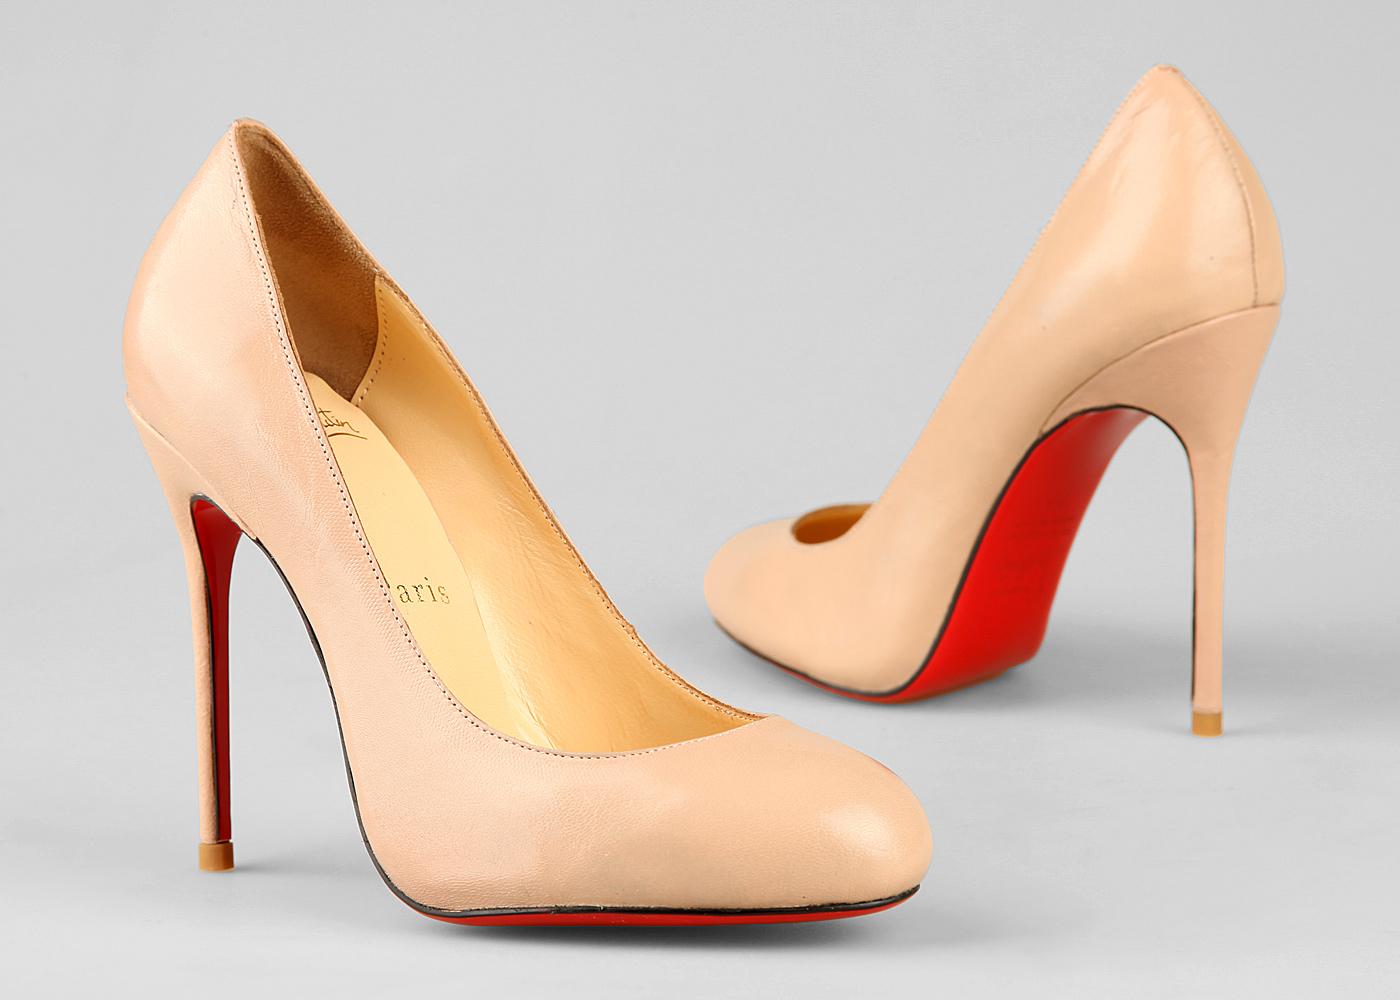 Как выглядят оригинальные туфли лабутены: фото и разновидности модели